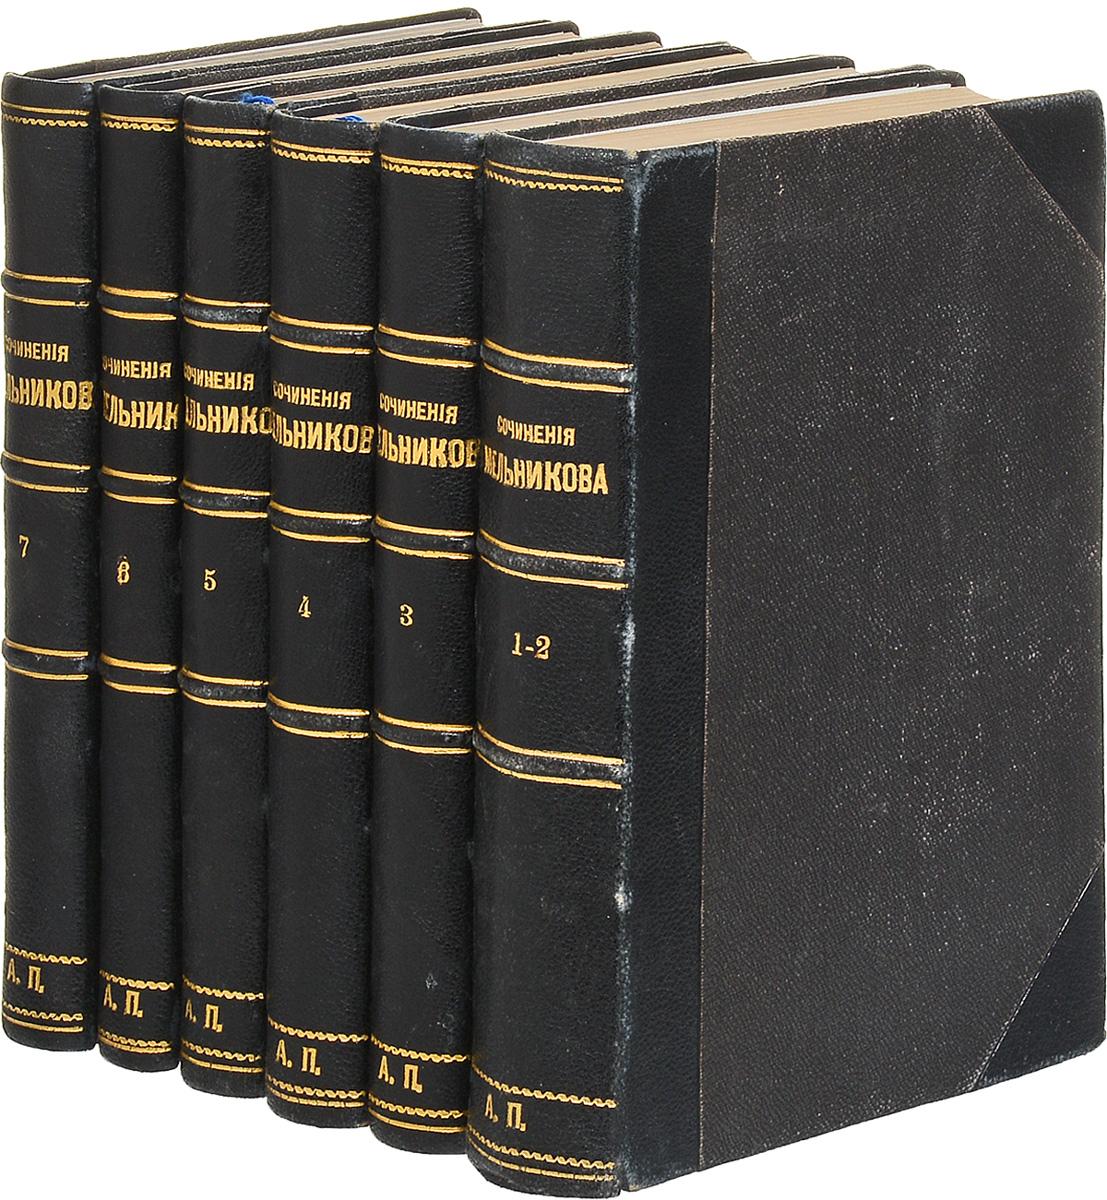 Полное собрание сочинений П. И. Мельникова (Андрея Печерского) в 7 томах (комплект из 6 книг) Товарищество А. Ф. Маркс 1909